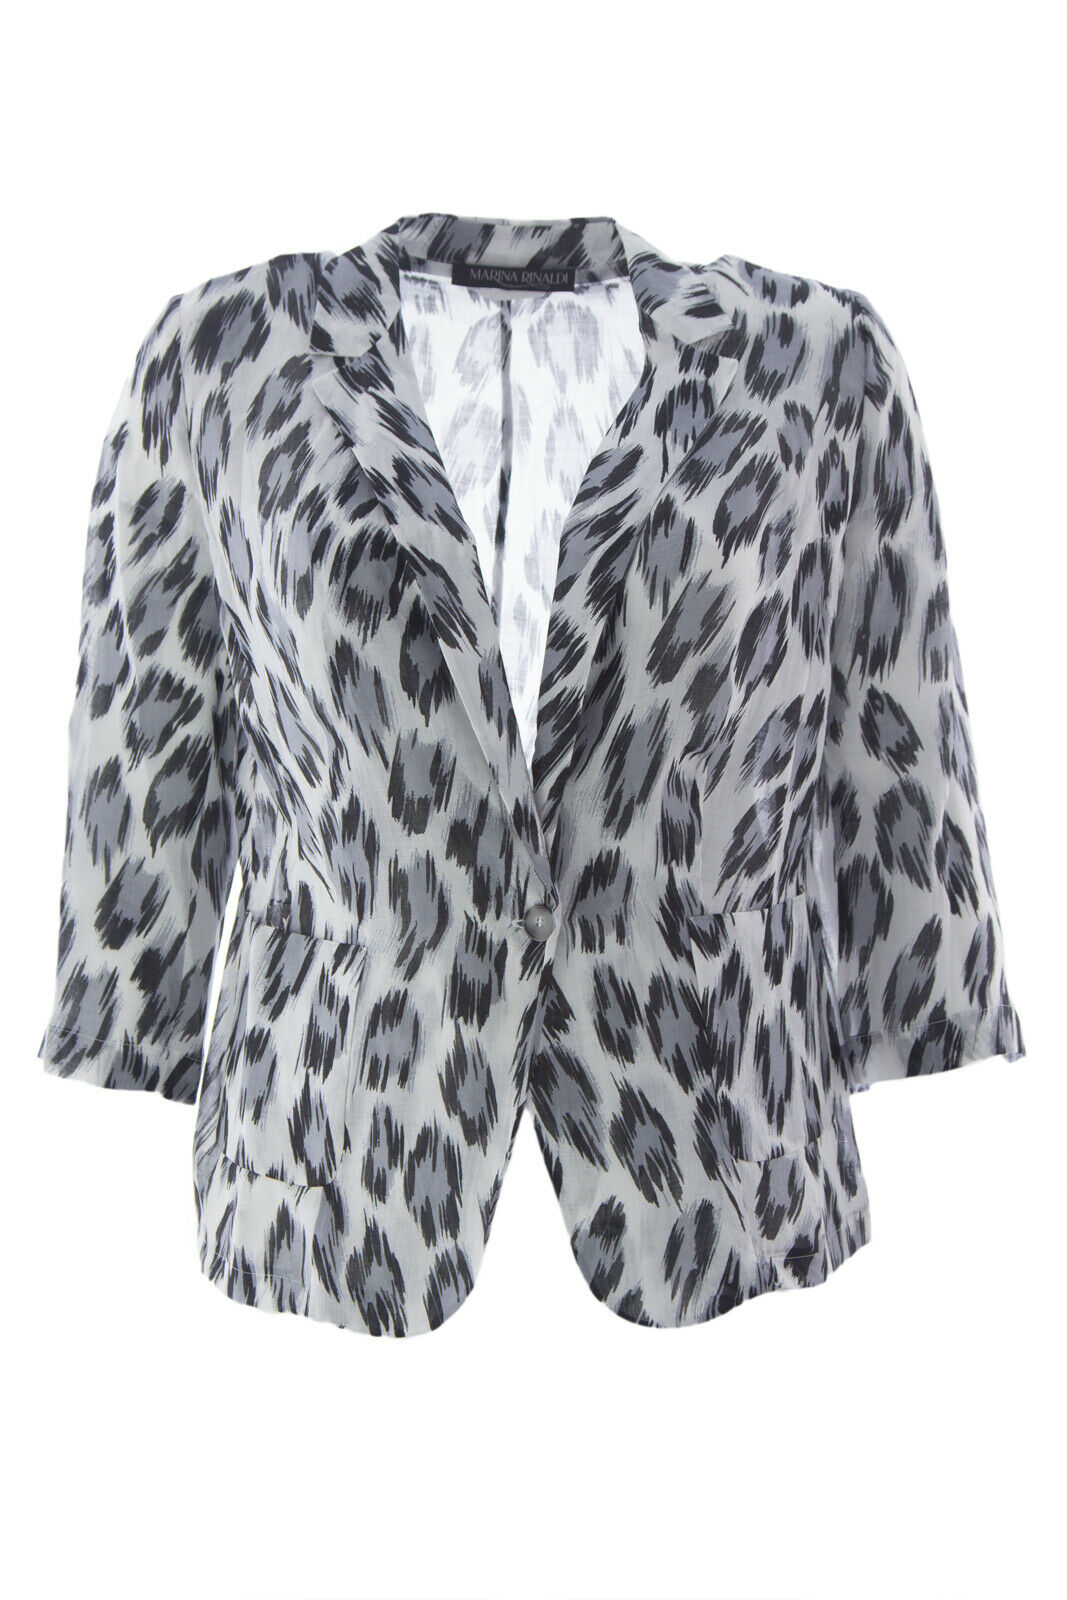 Marina Rinaldi Damen Weiß Crema Leopardenmuster Licht Blazer Nwt